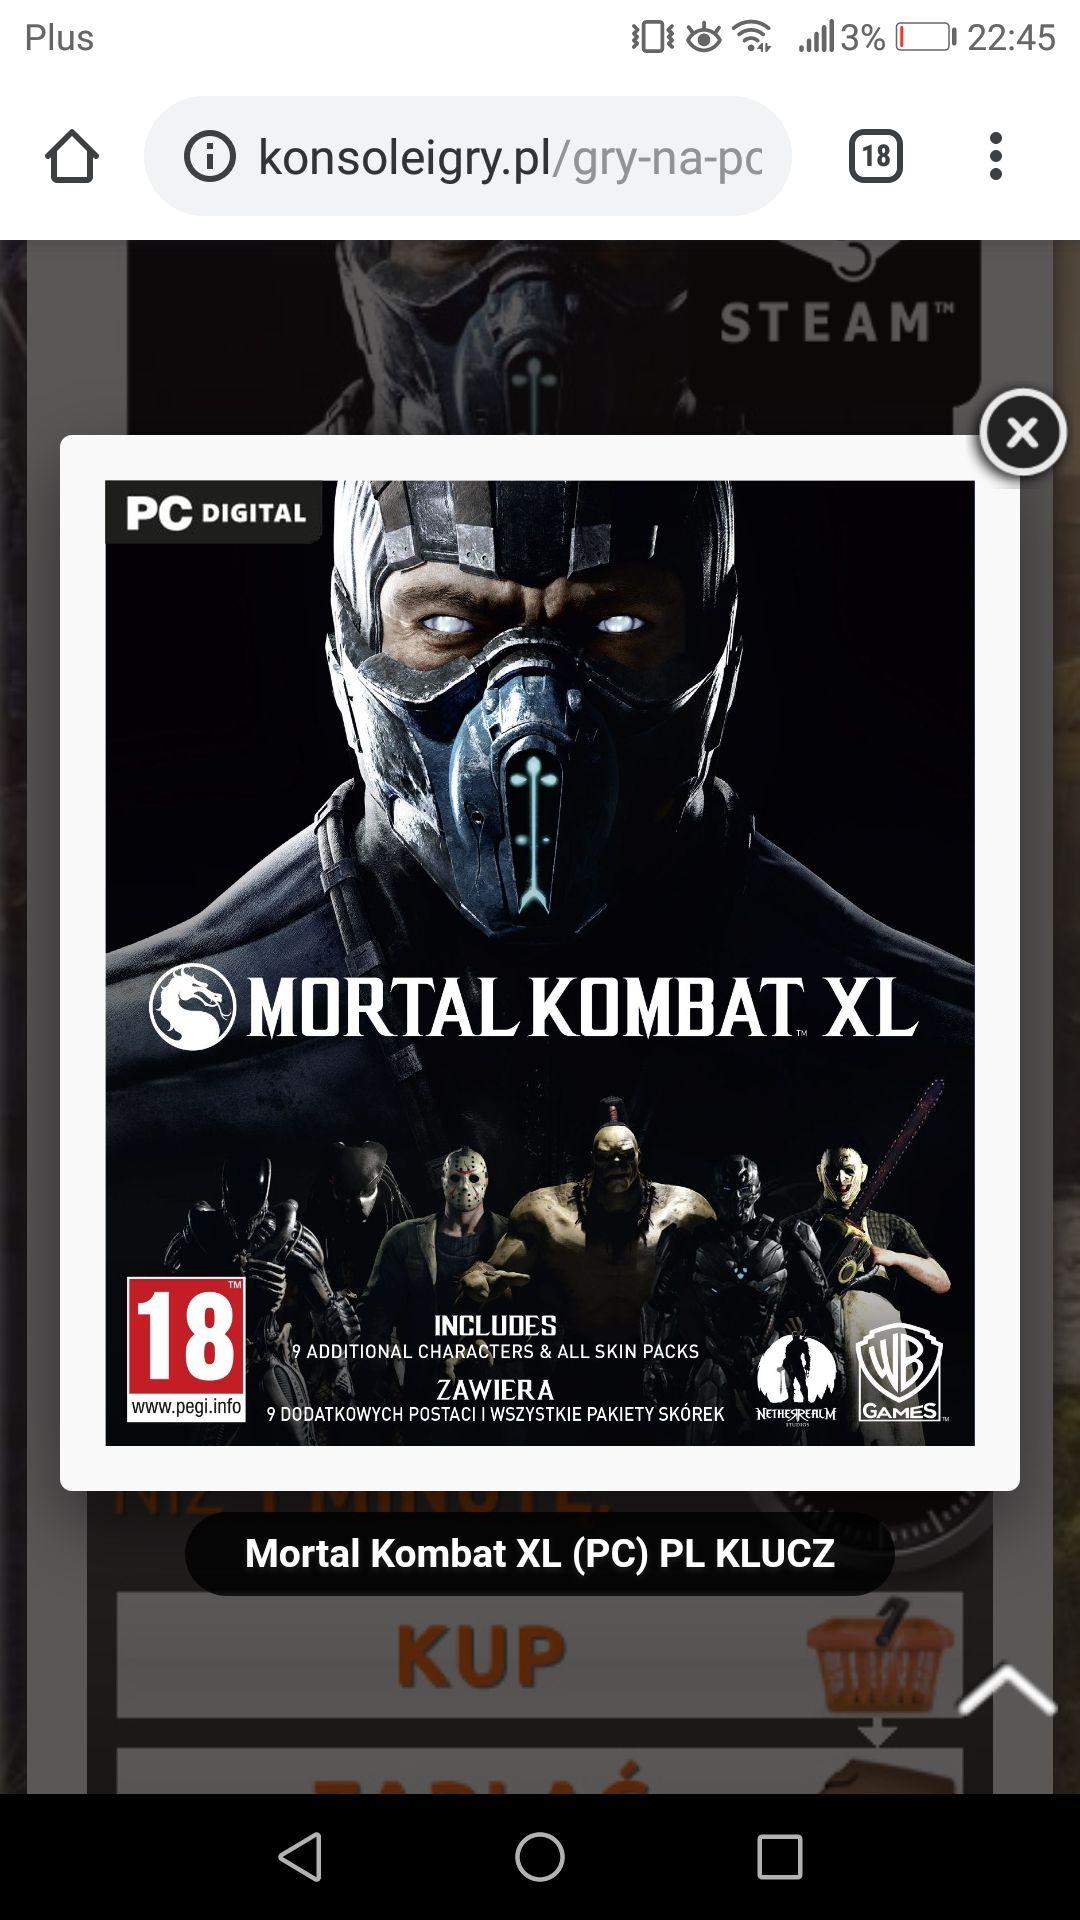 Mortal kombat XL na konsoleigry. Pl steam PC